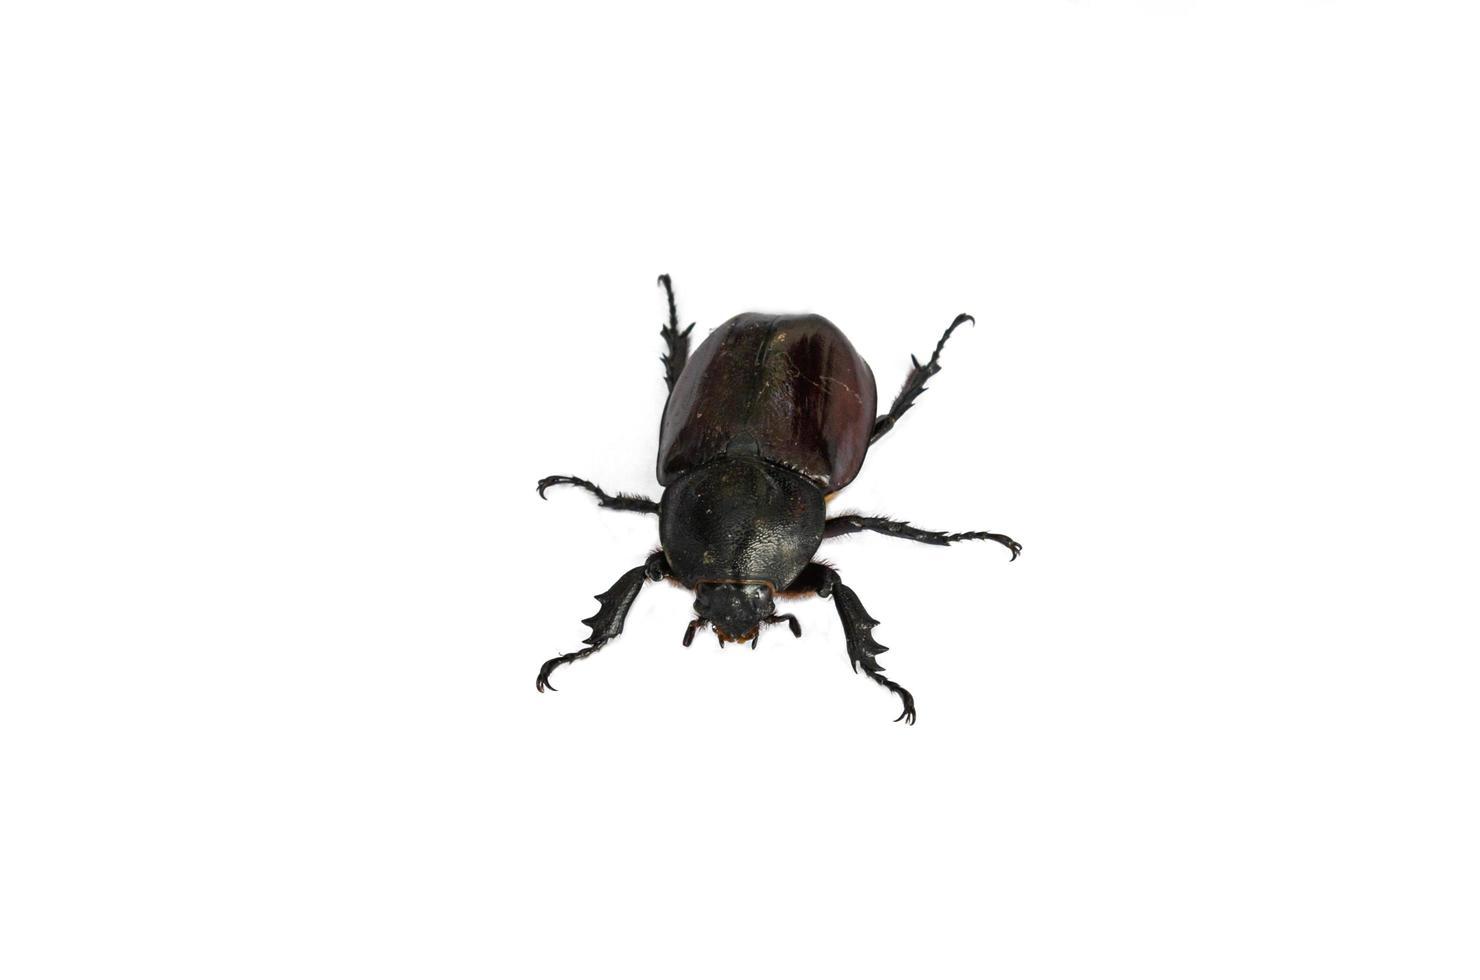 besouro em um fundo branco foto